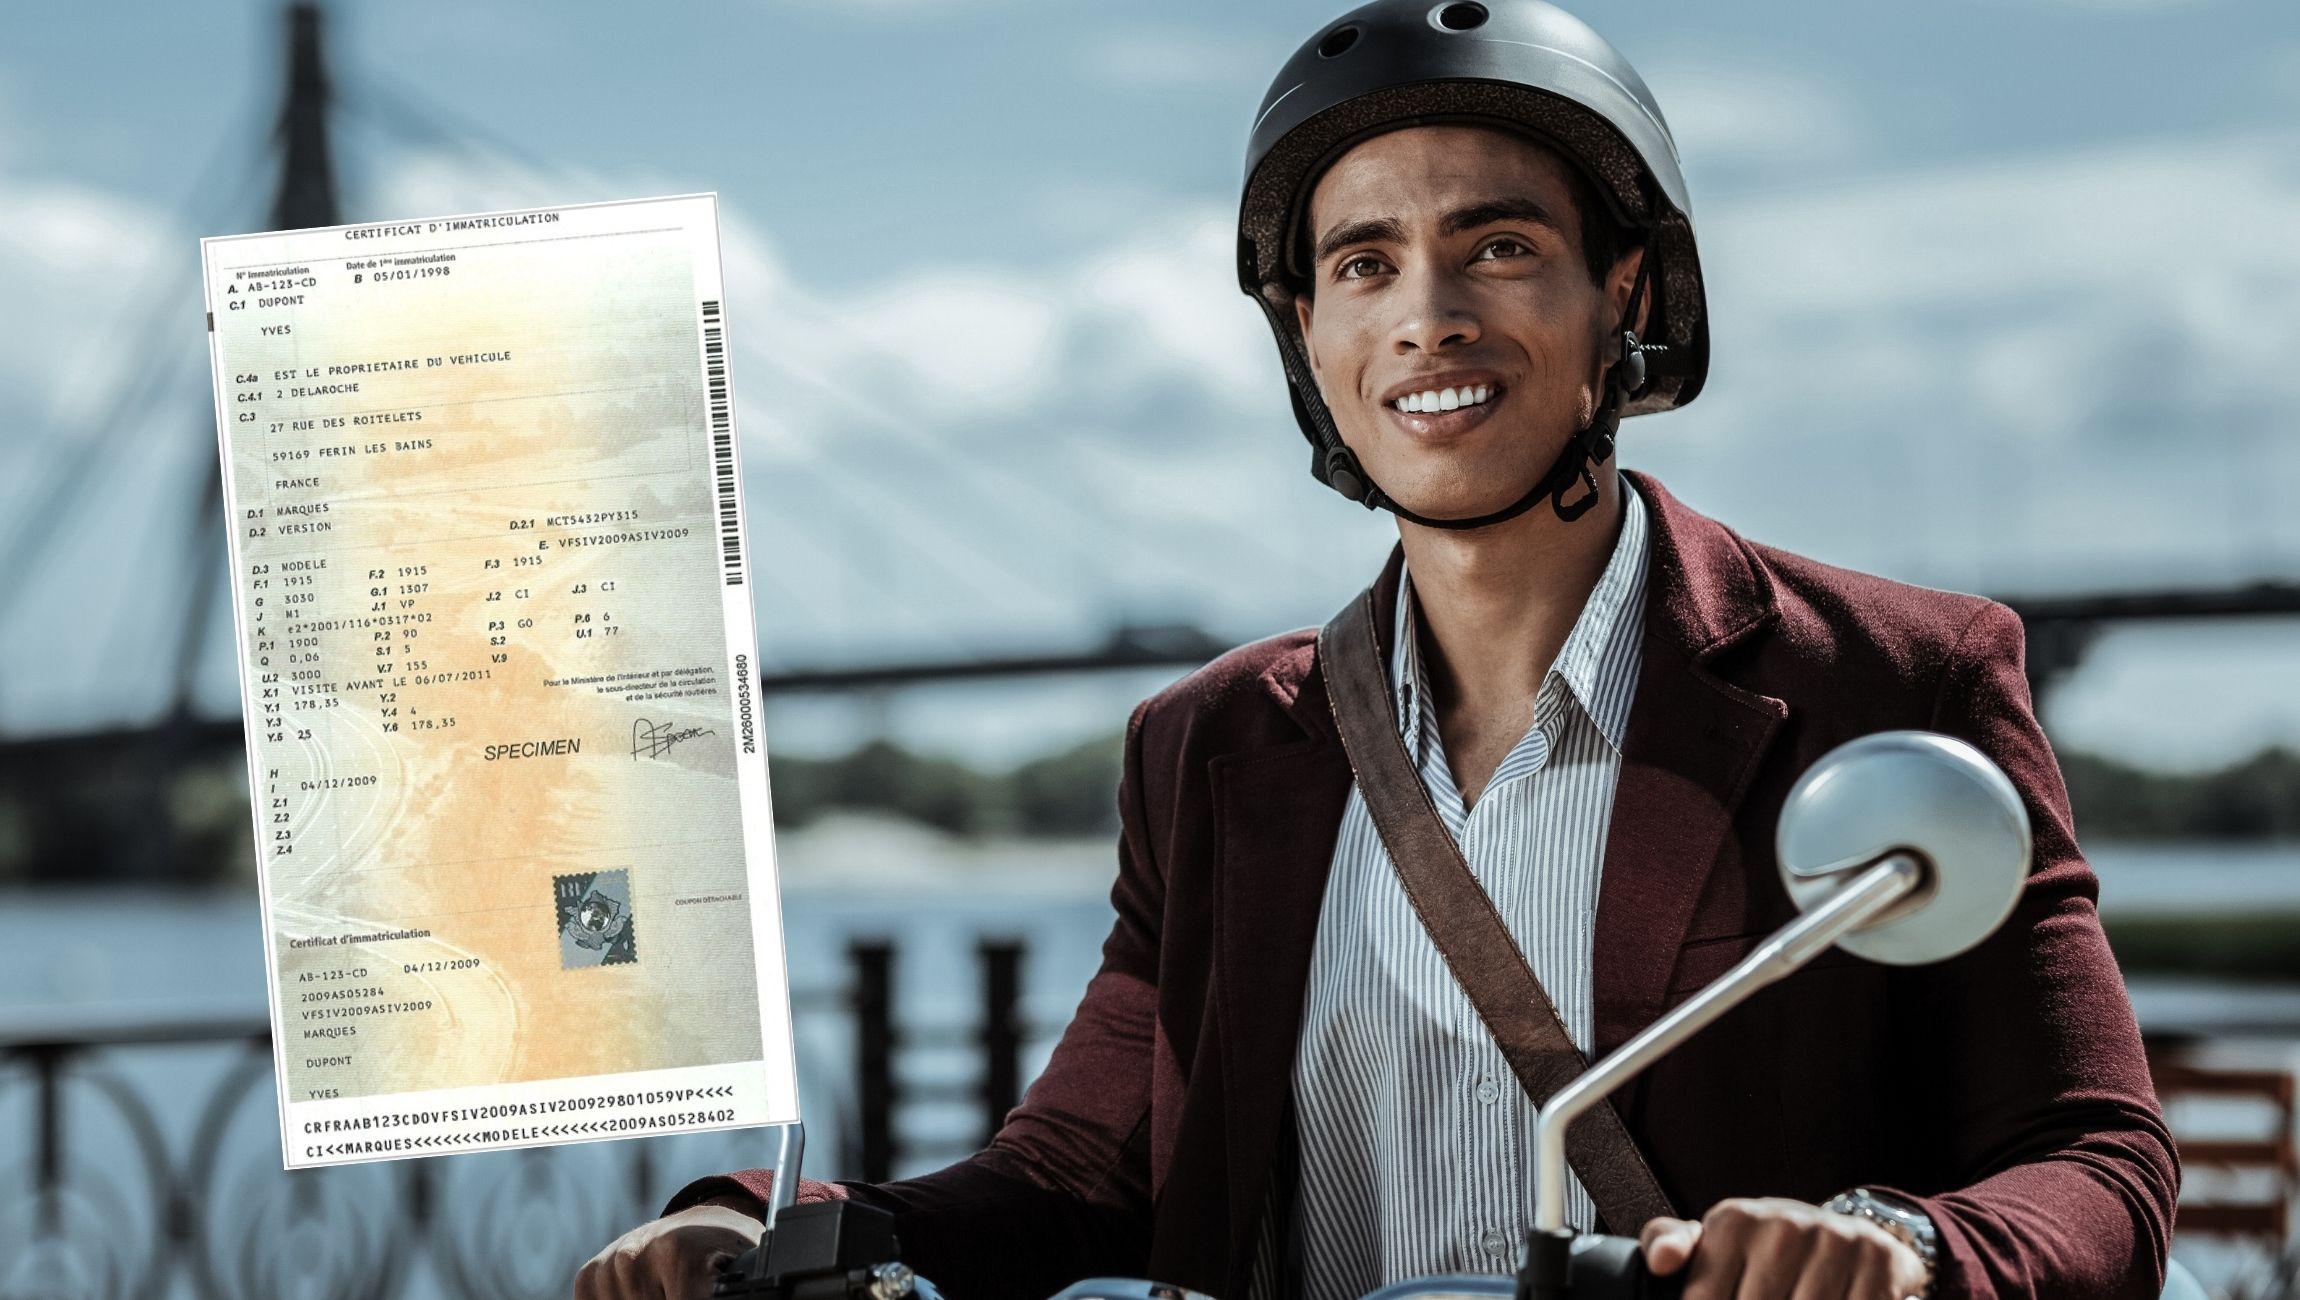 Changement de nom de titulaire pour la carte grise d'une moto